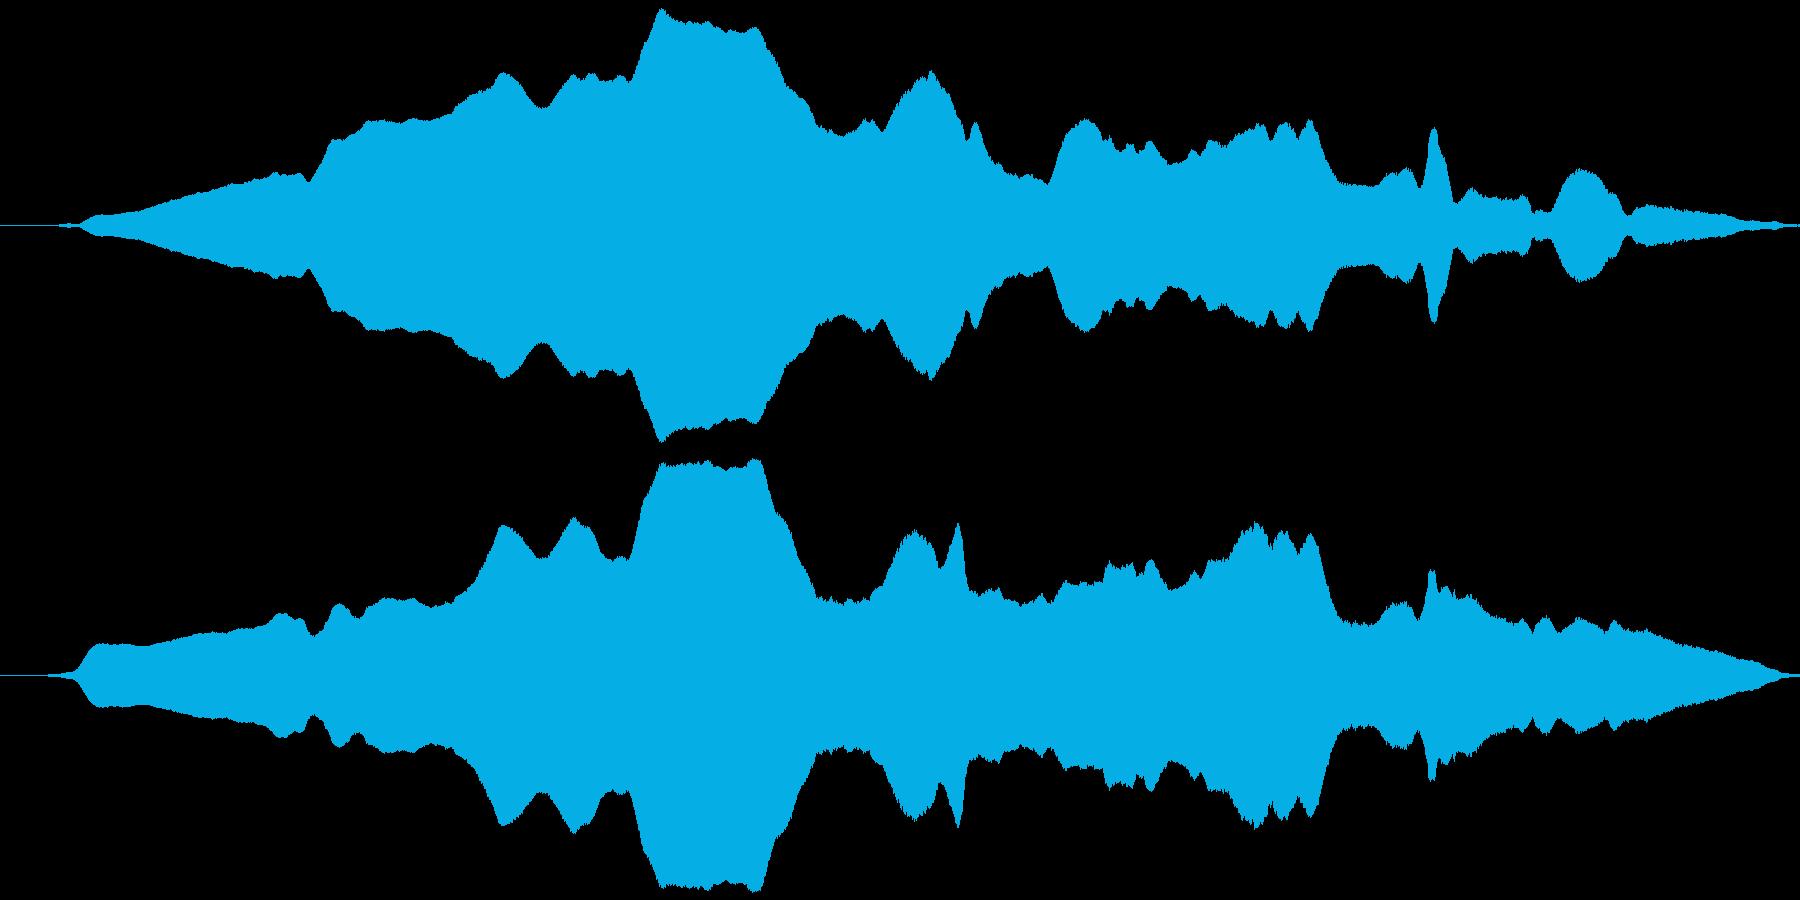 可愛く動く風(オノマトペ)ヒョウィッの再生済みの波形